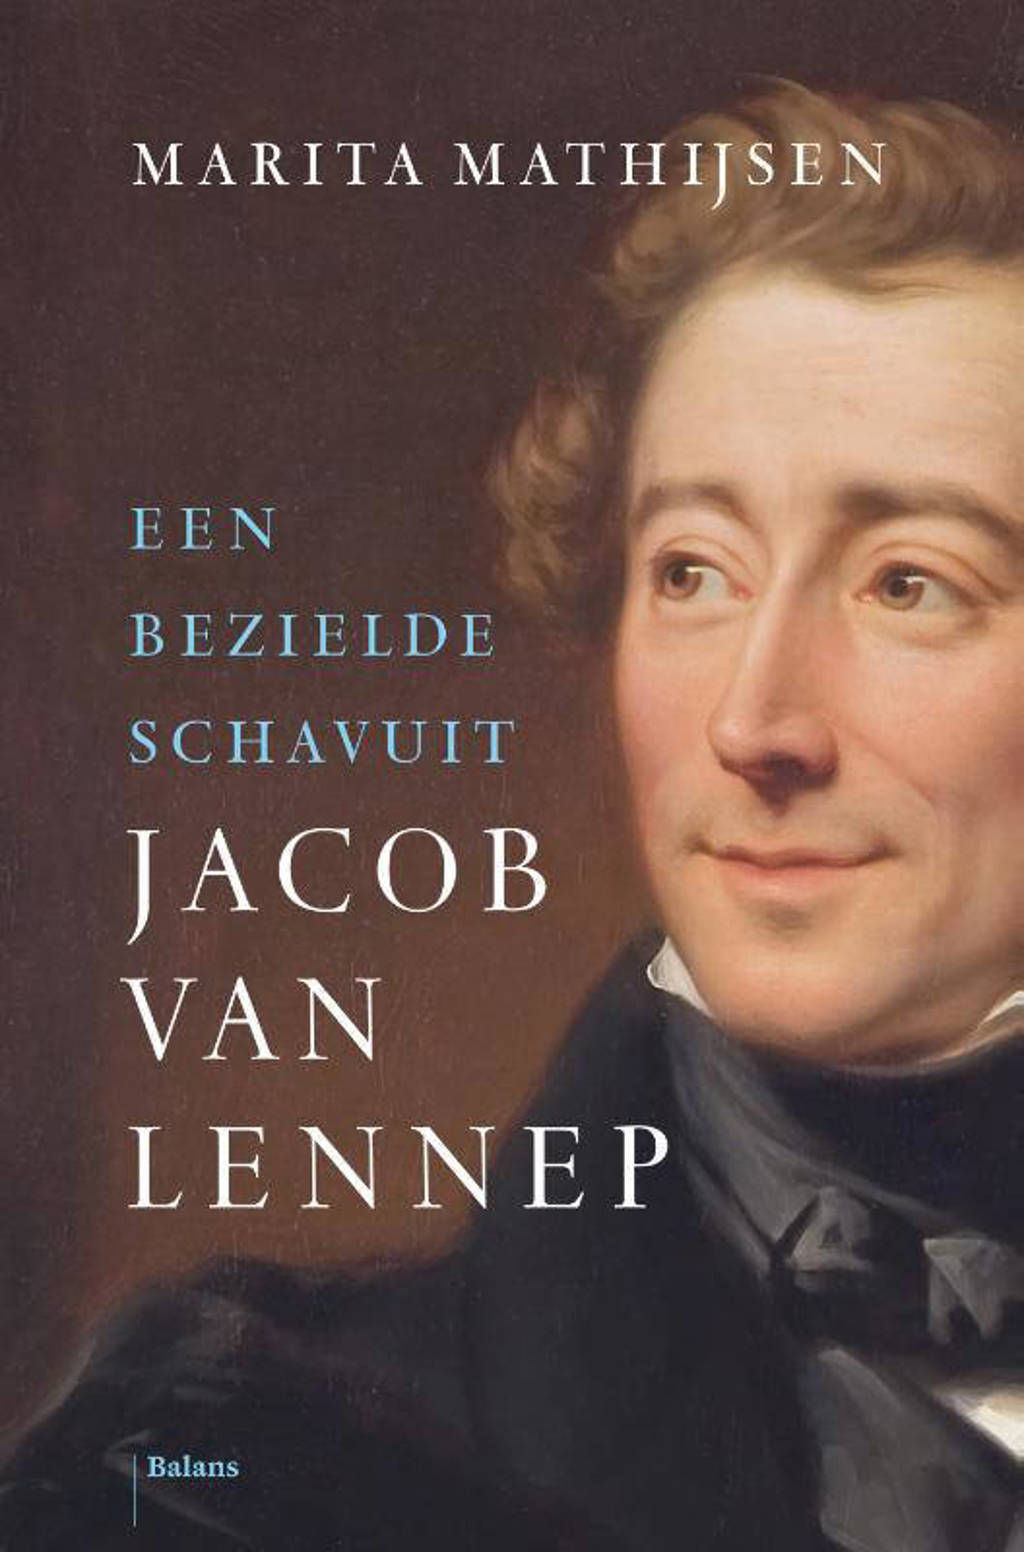 Jacob van Lennep - Marita Mathijsen